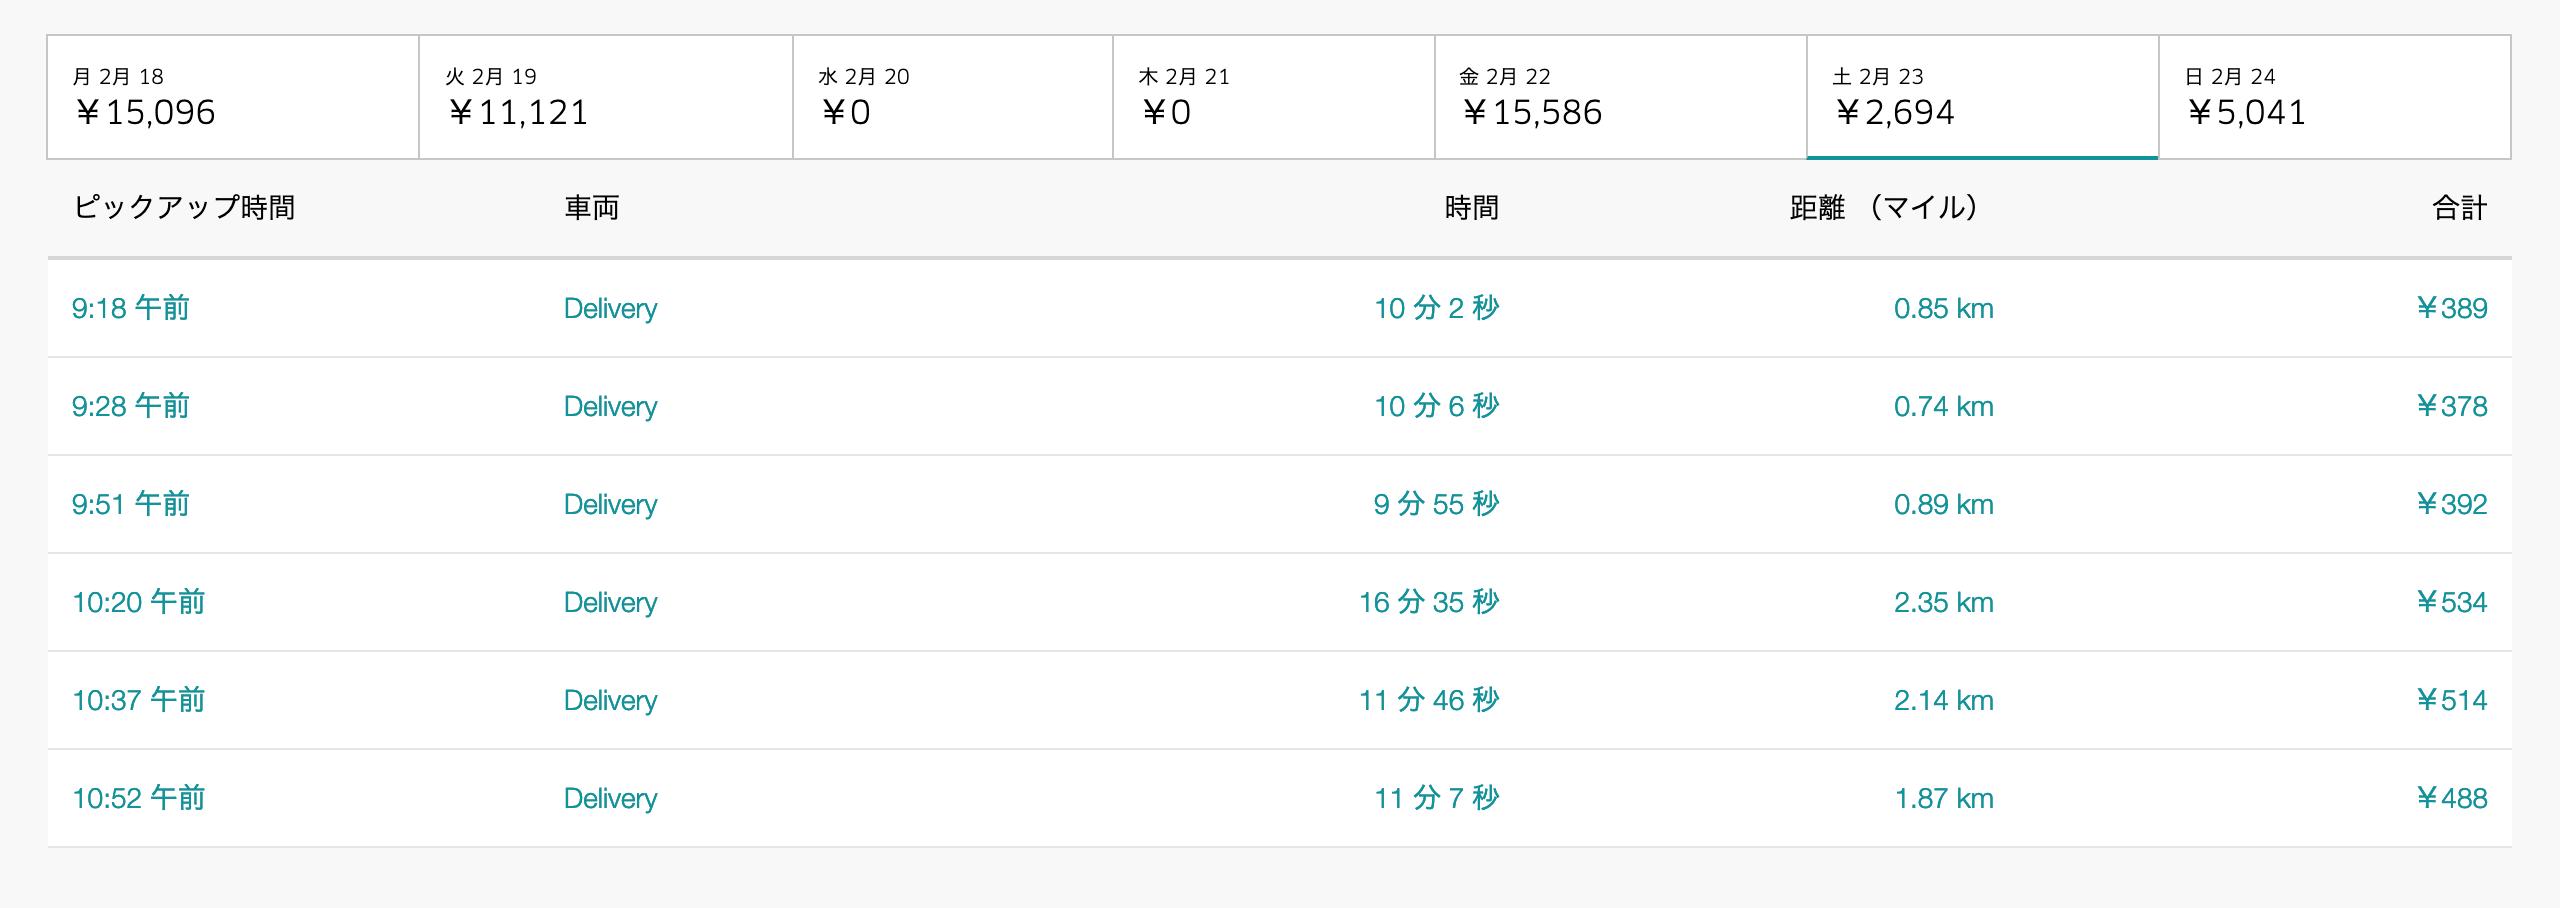 Uber Eats2月23日の配達数字